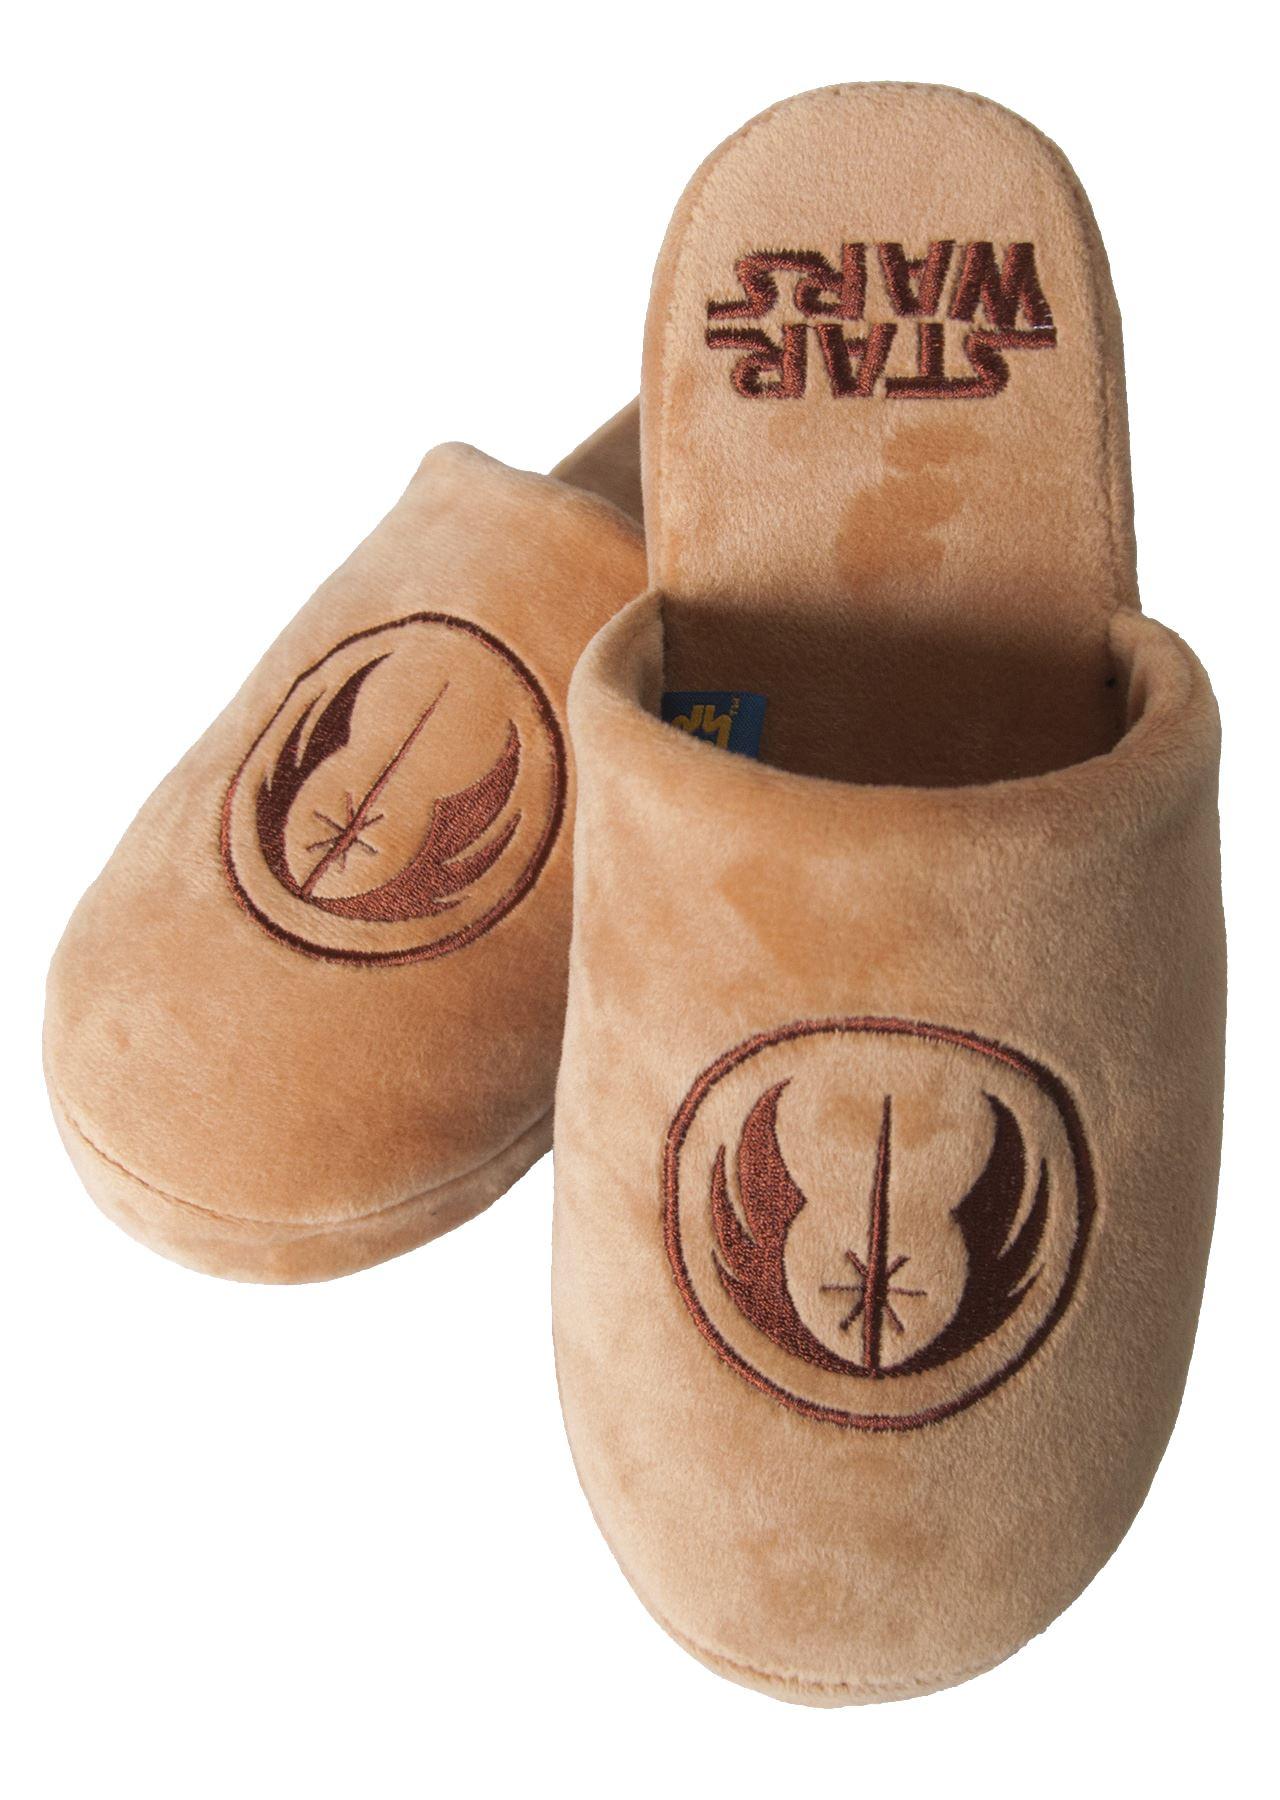 Star Wars Stormtrooper Mule Slippers UK 8-10